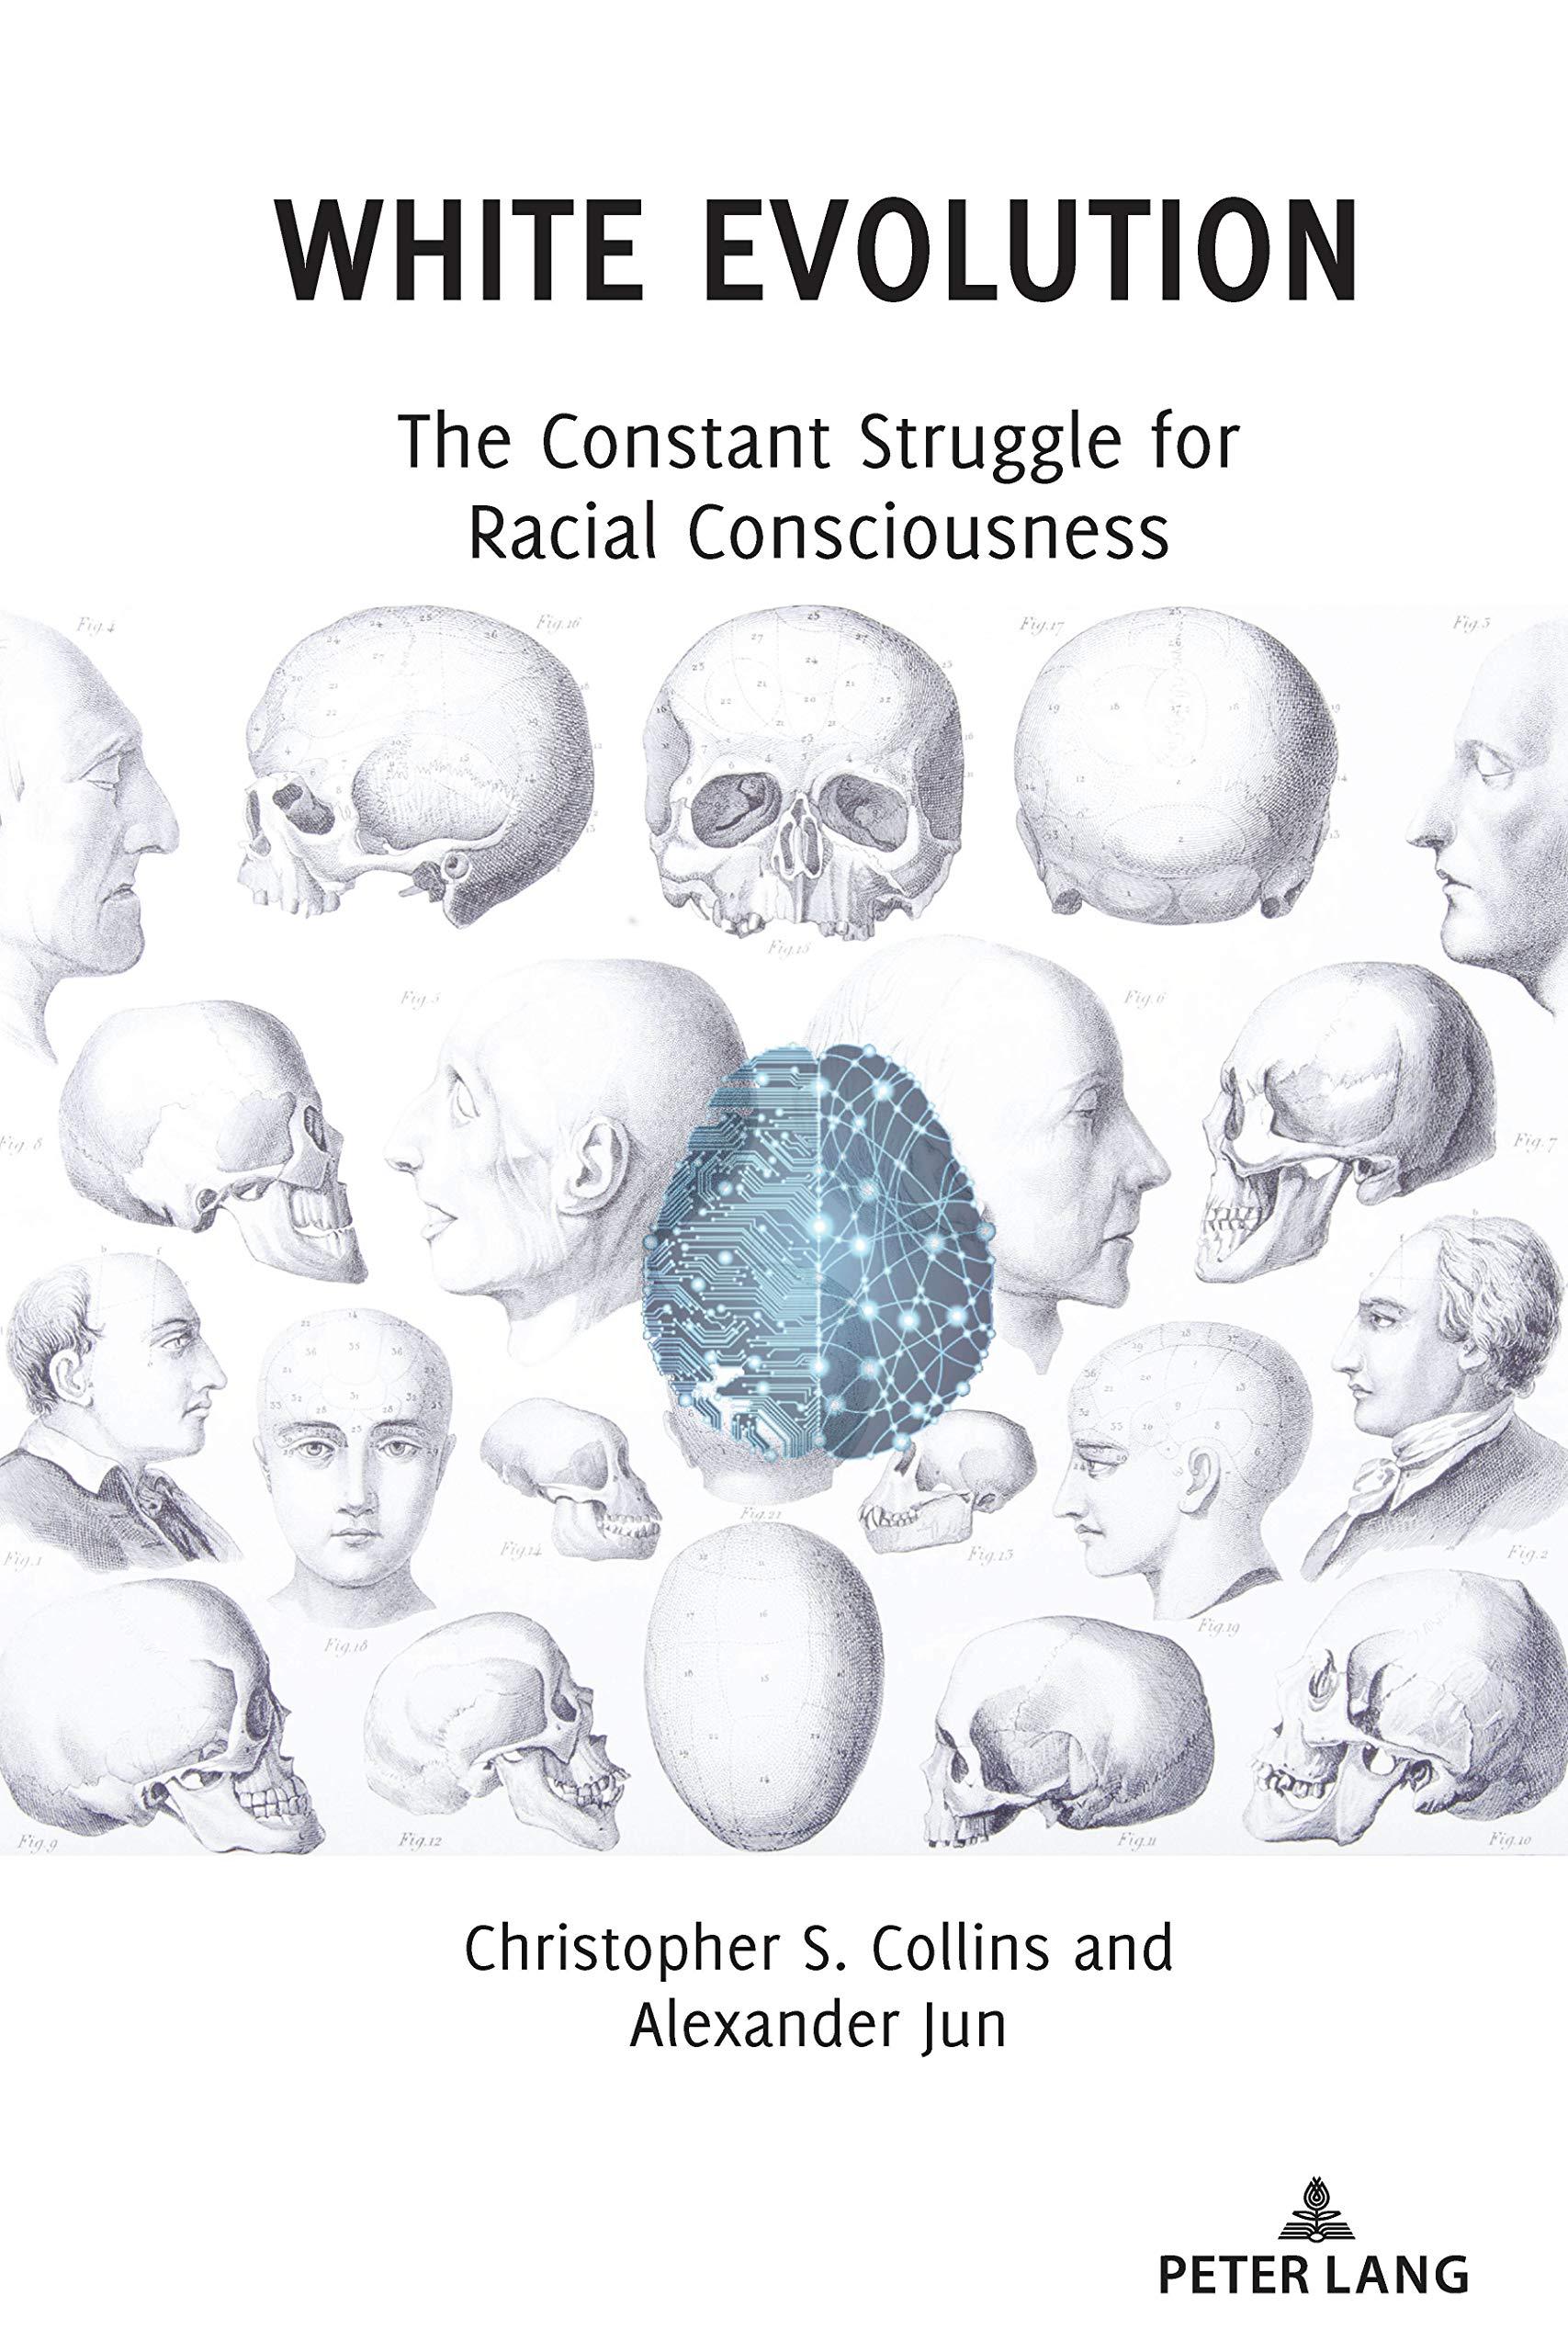 White Evolution: The Constant Struggle for Racial Consciousness: Amazon.es: Collins, Christopher S., Jun, Alexander: Libros en idiomas extranjeros